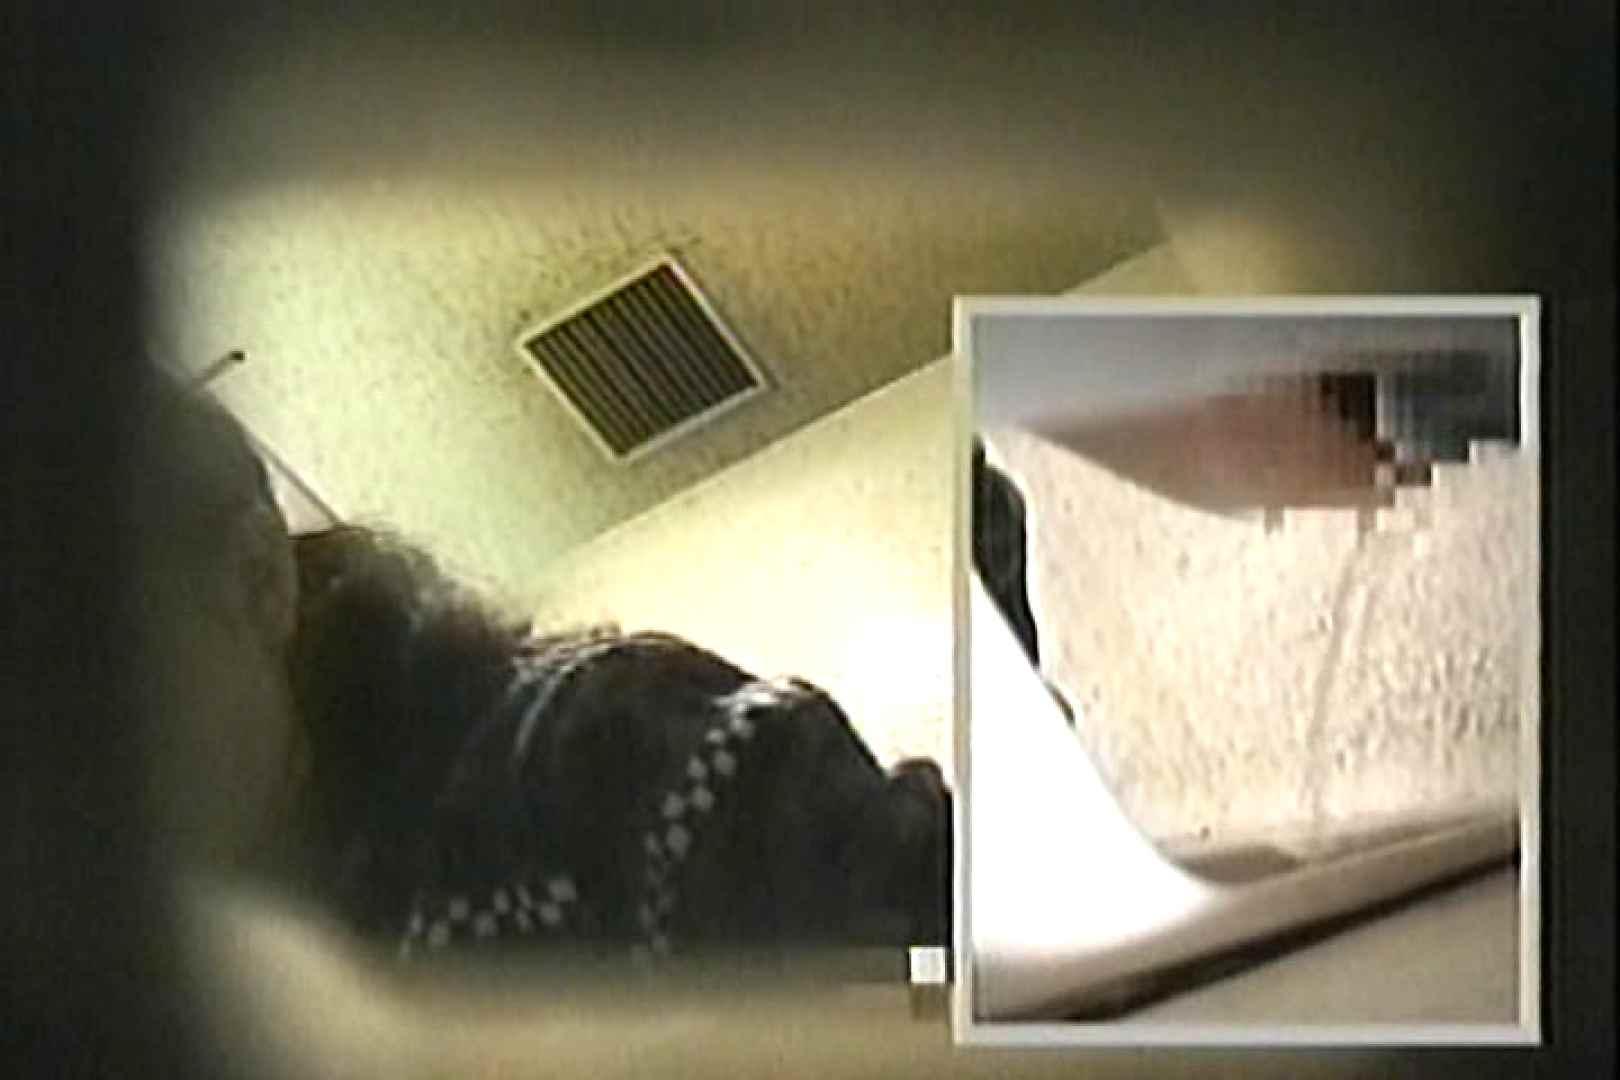 女子洗面所盗撮 今度の2カメは若い子だらけ  TK-127 おまんこ  76枚 50